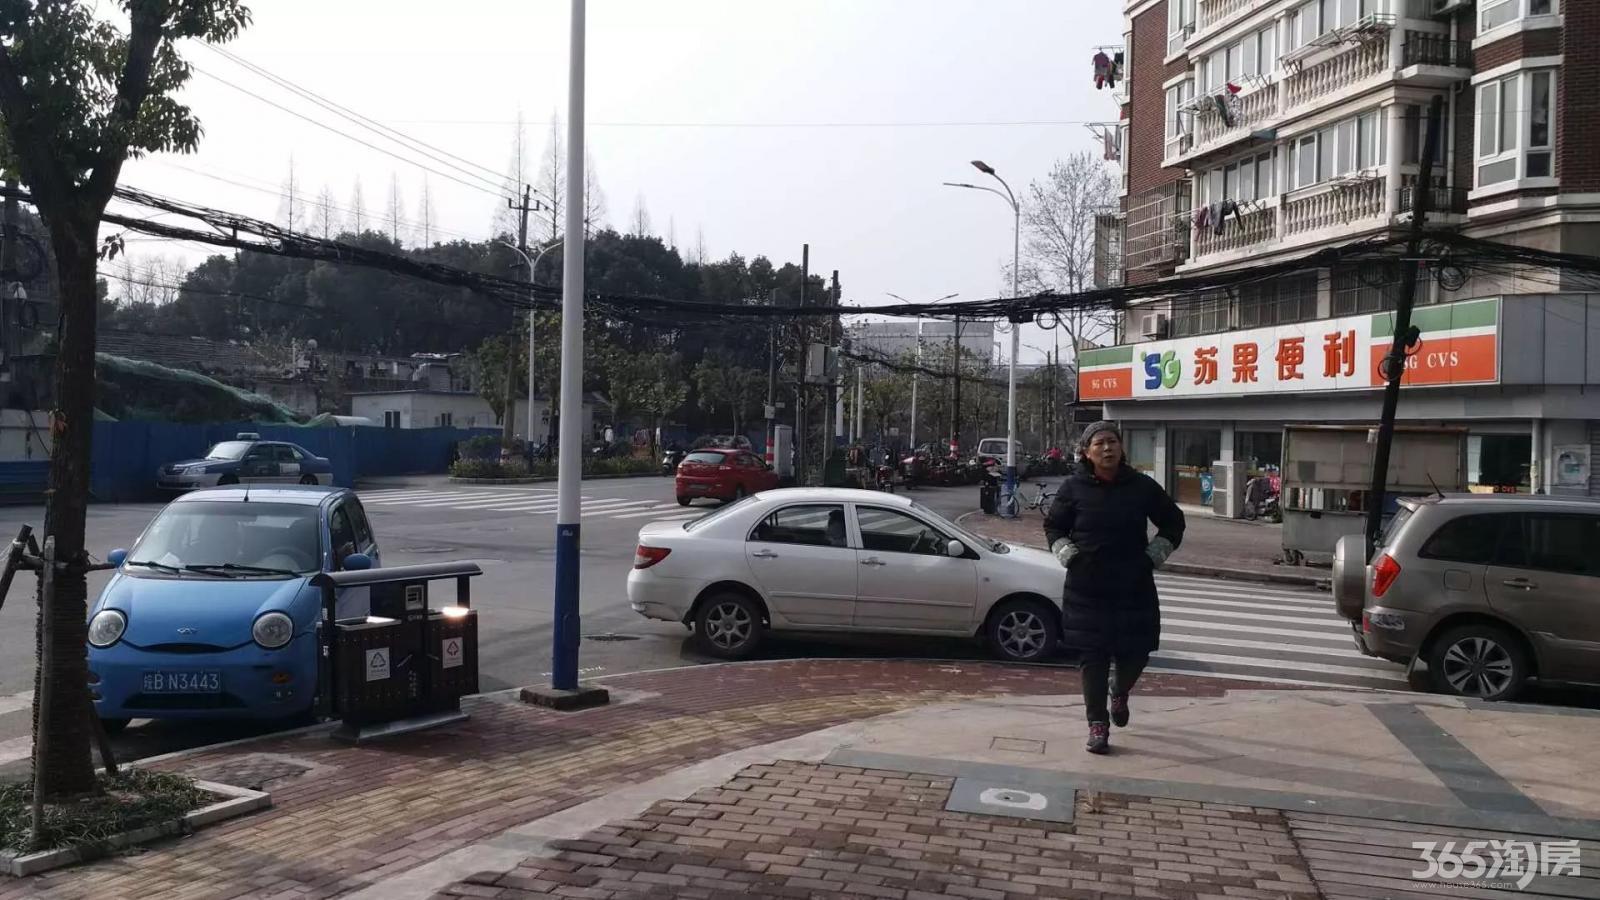 镜湖区+住宅底商+低房租+百蕊+东方海伦堡+东方龙城